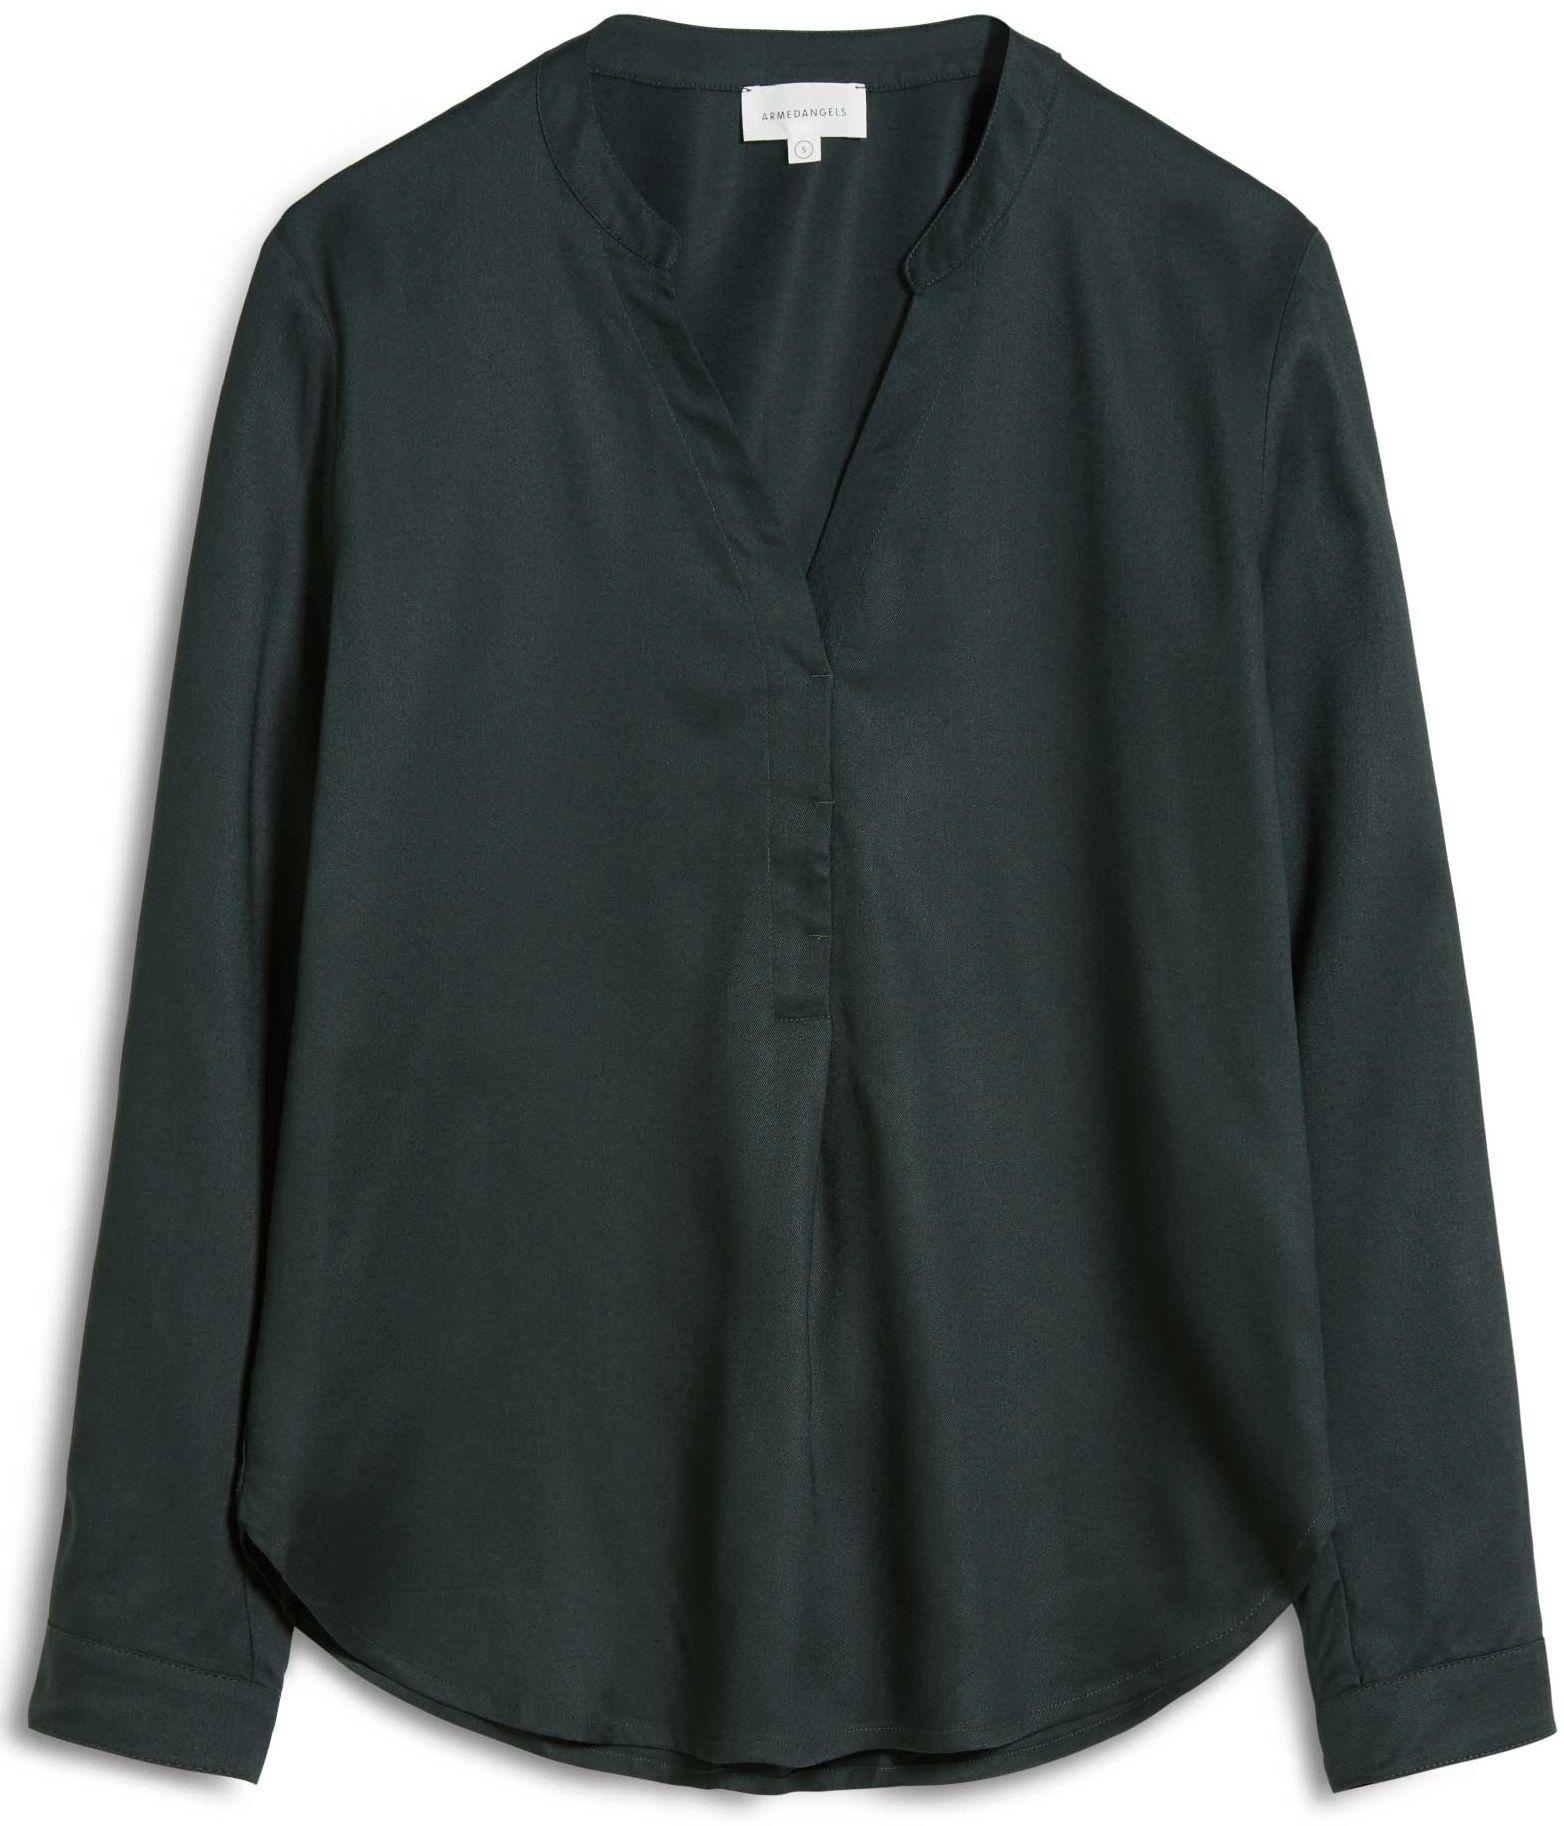 Damen-Bluse CEYLAAN vintage green